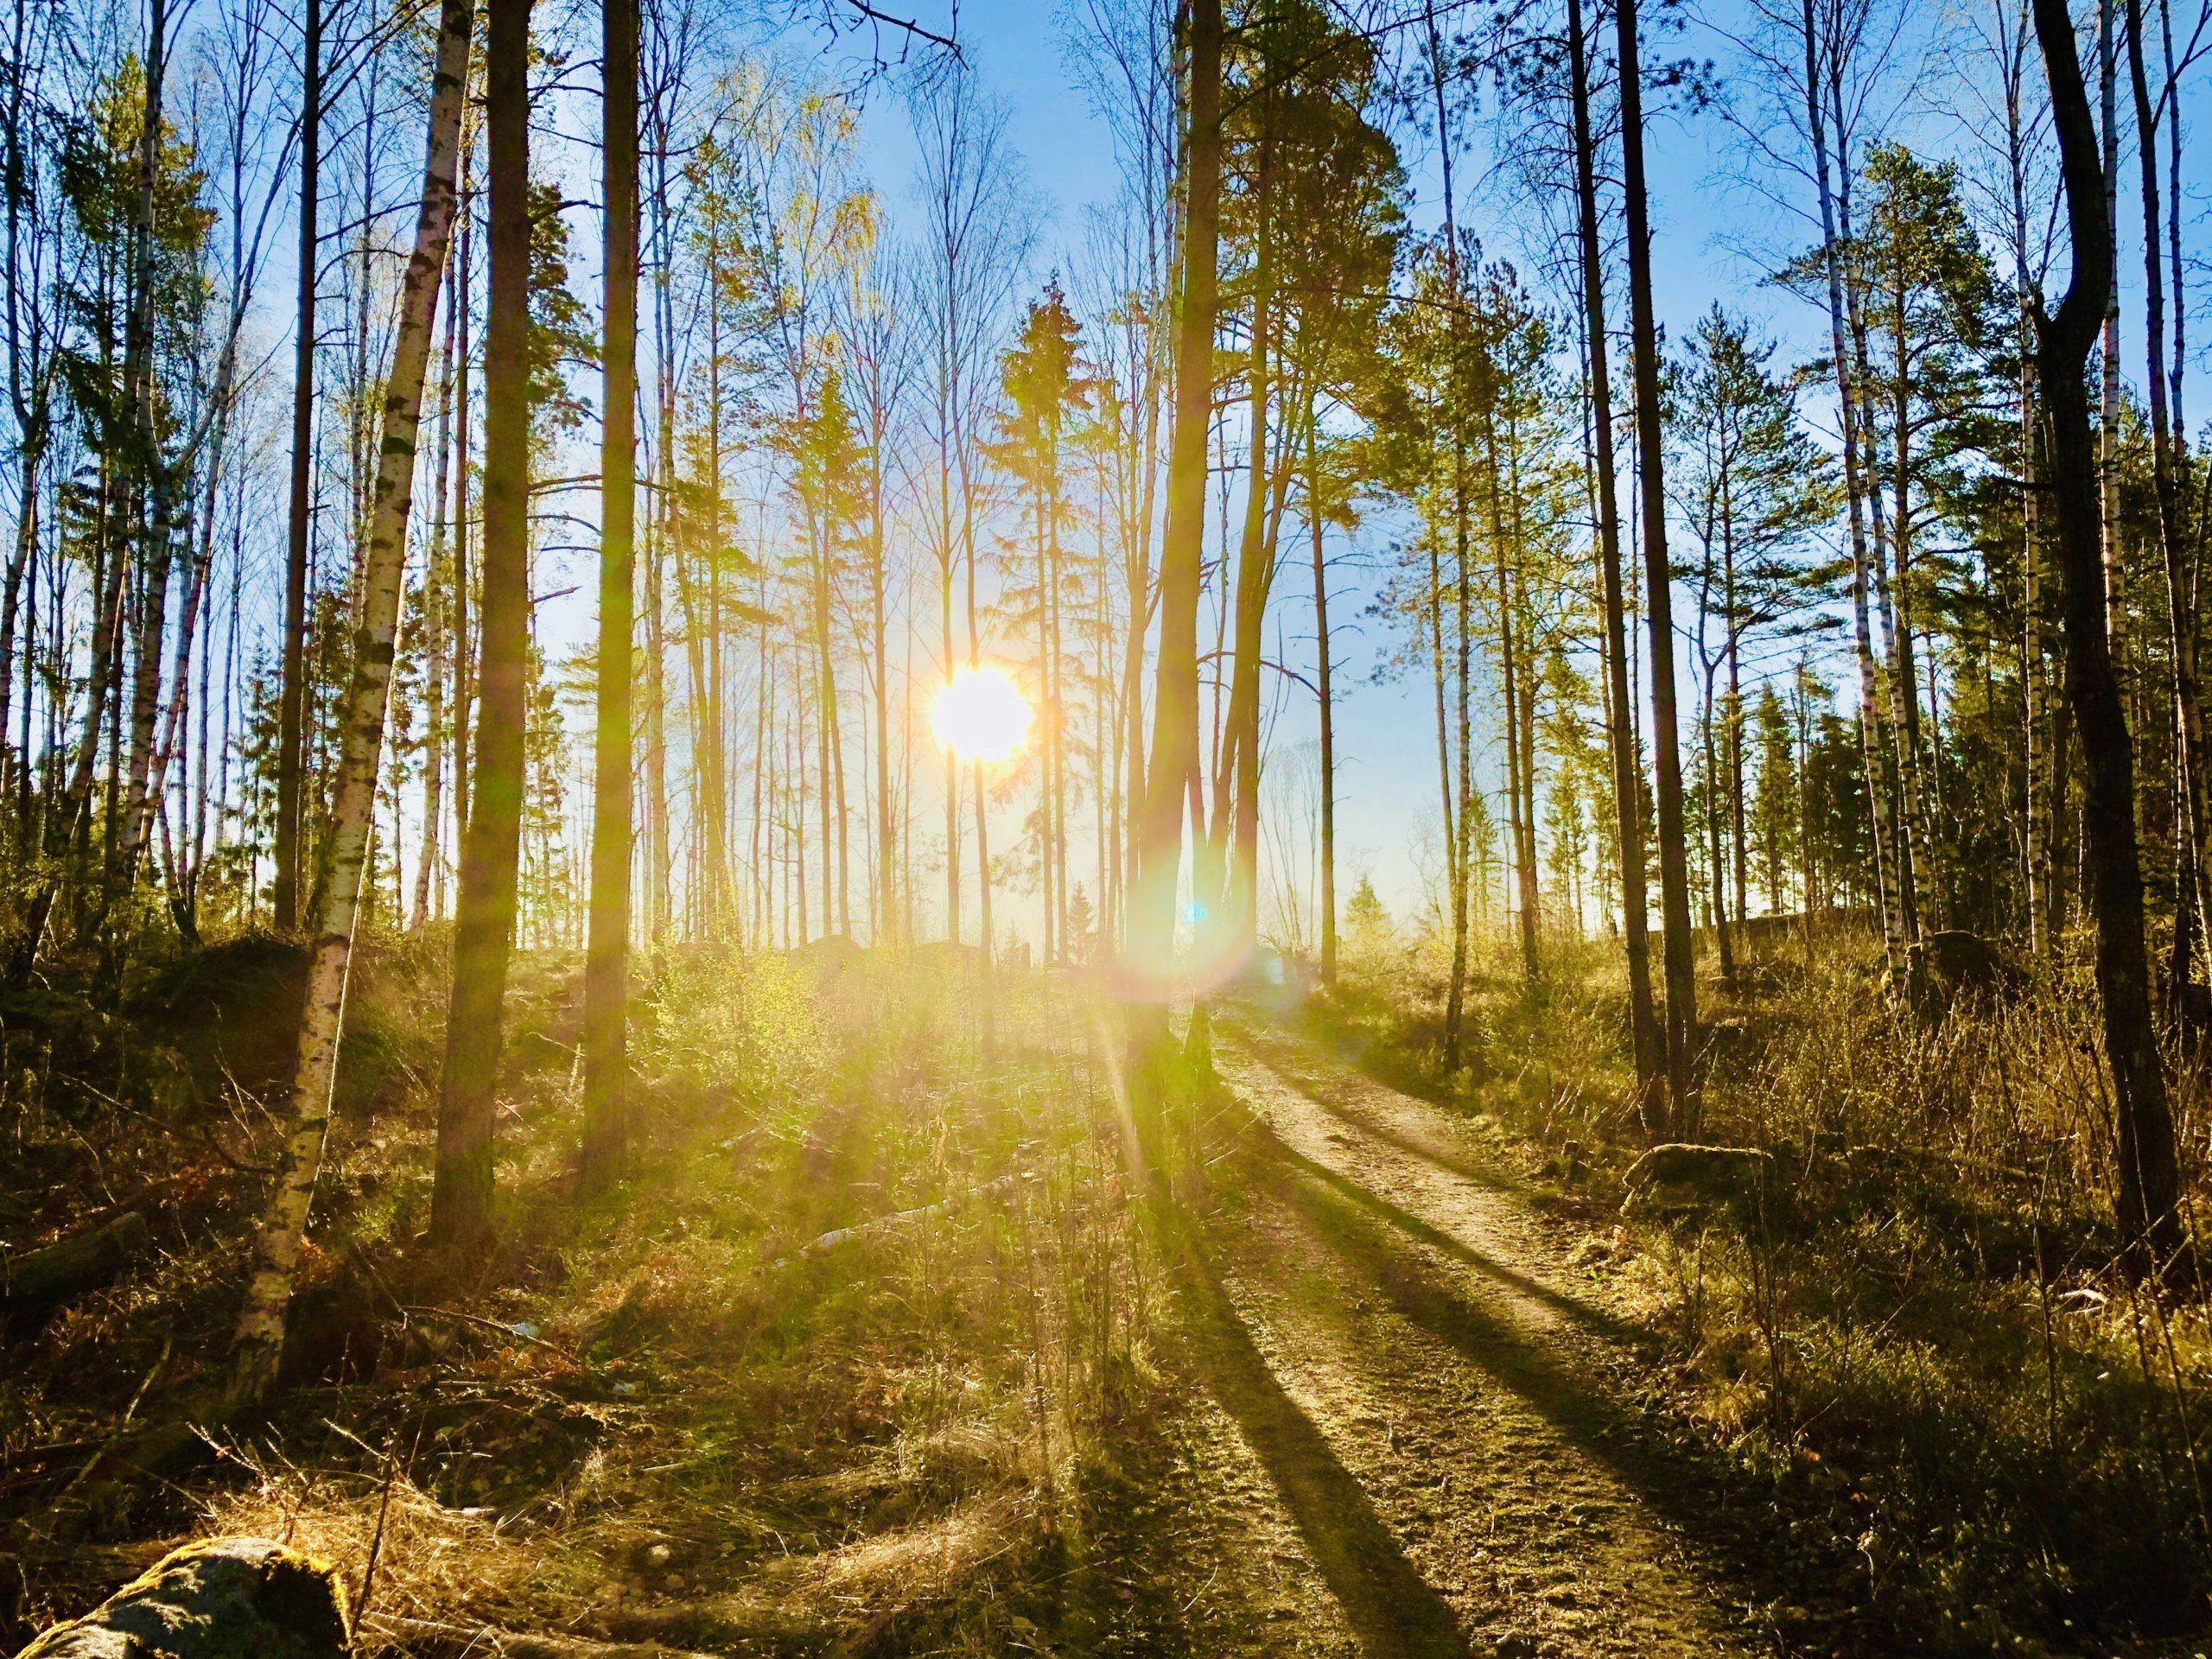 Morgonpromenad i skogen